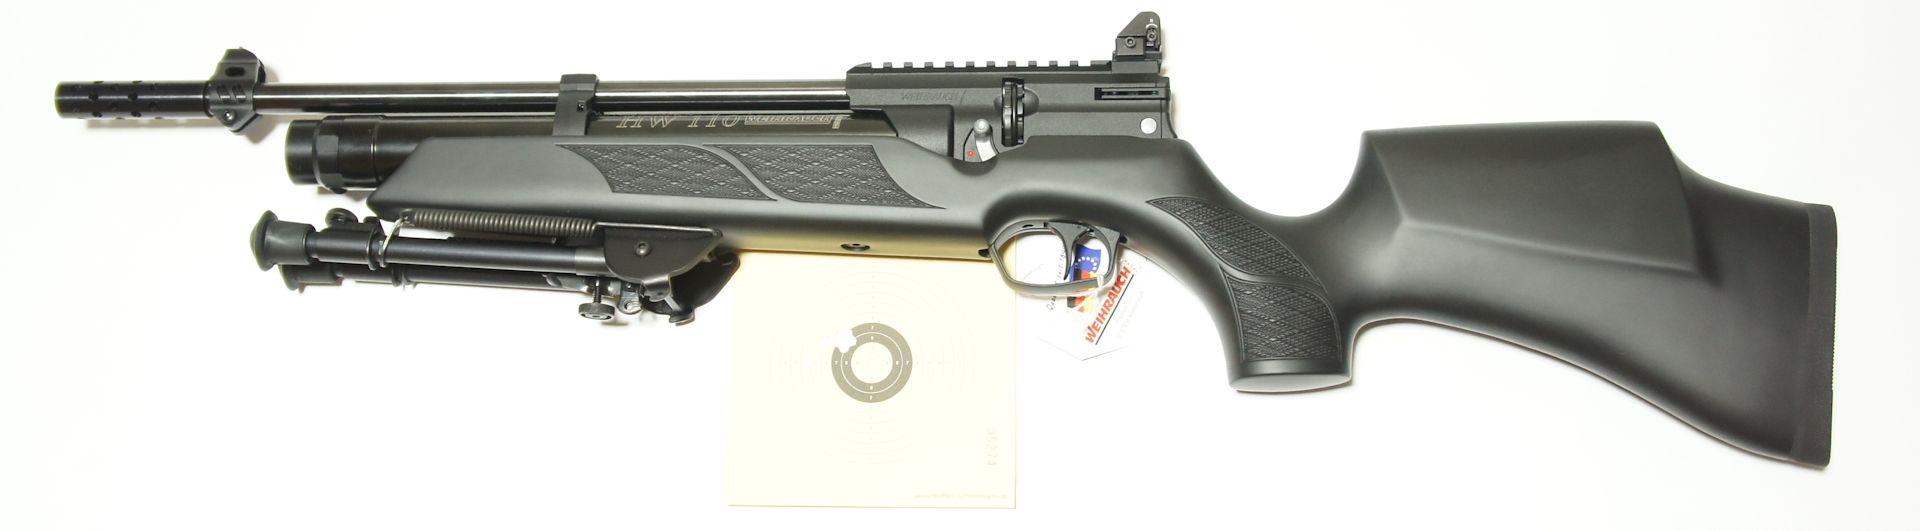 Luftgewehr Weihrauch HW 110 mit Kimme und Korn (Montagebeispiel mit Zweibein als extra Zubehör). Wer möchte kann das Gewehr auch gerne mit <a href=11168812.htm>Schalldämpfer </a> bekommen.  (abgebildetes Zweibein nicht im Lieferumfang)